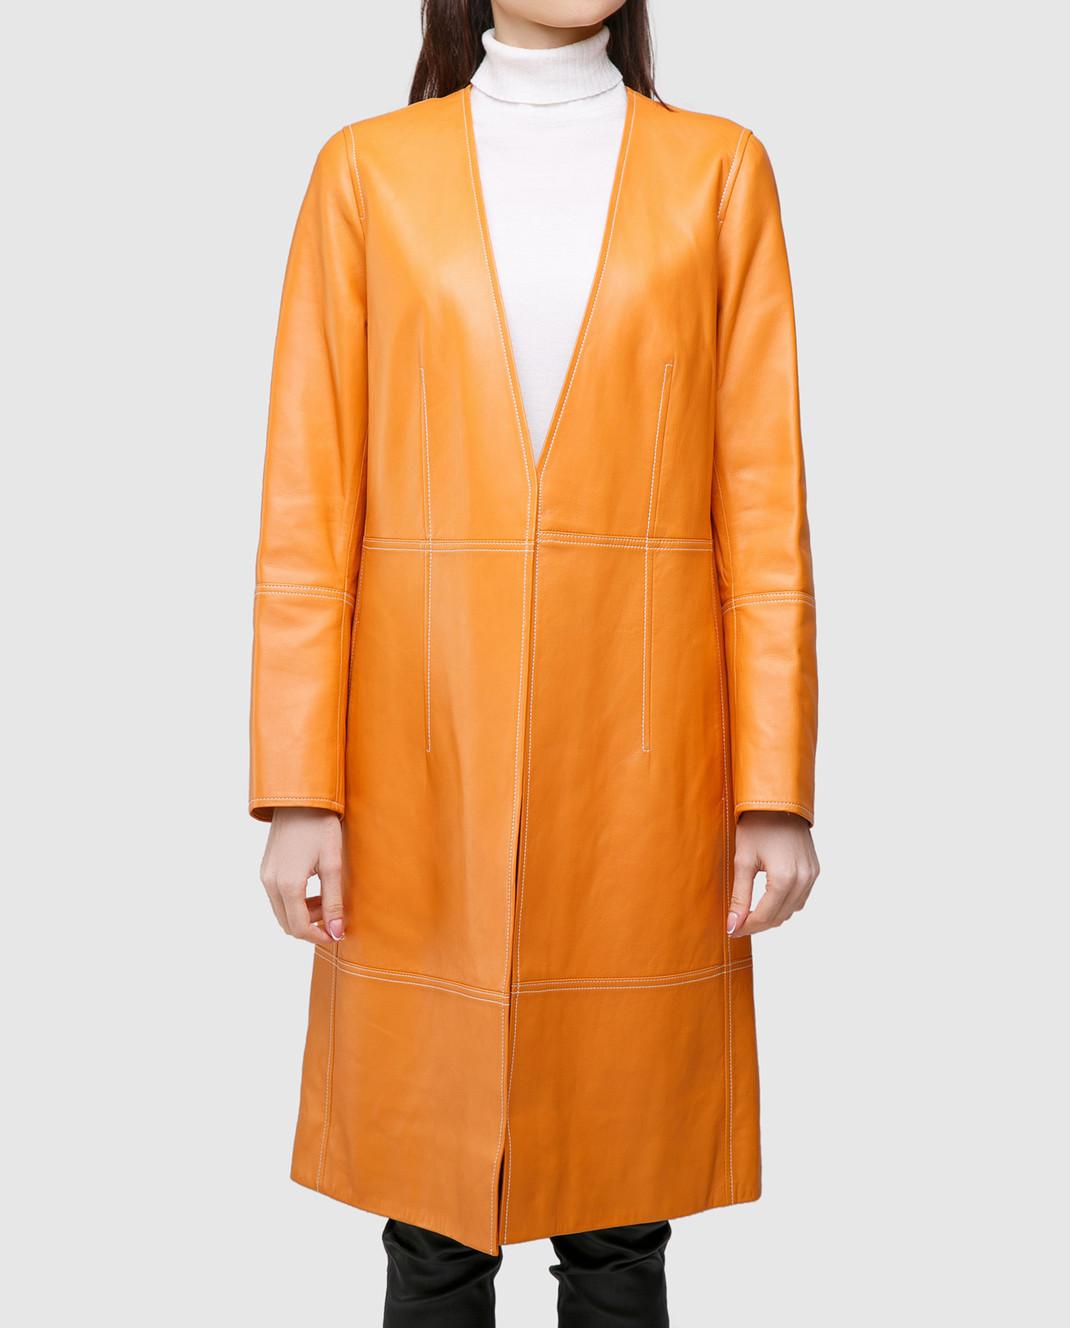 Yves Salomon Оранжевый плащ из кожи ягненка 7EYM20401APXX изображение 3